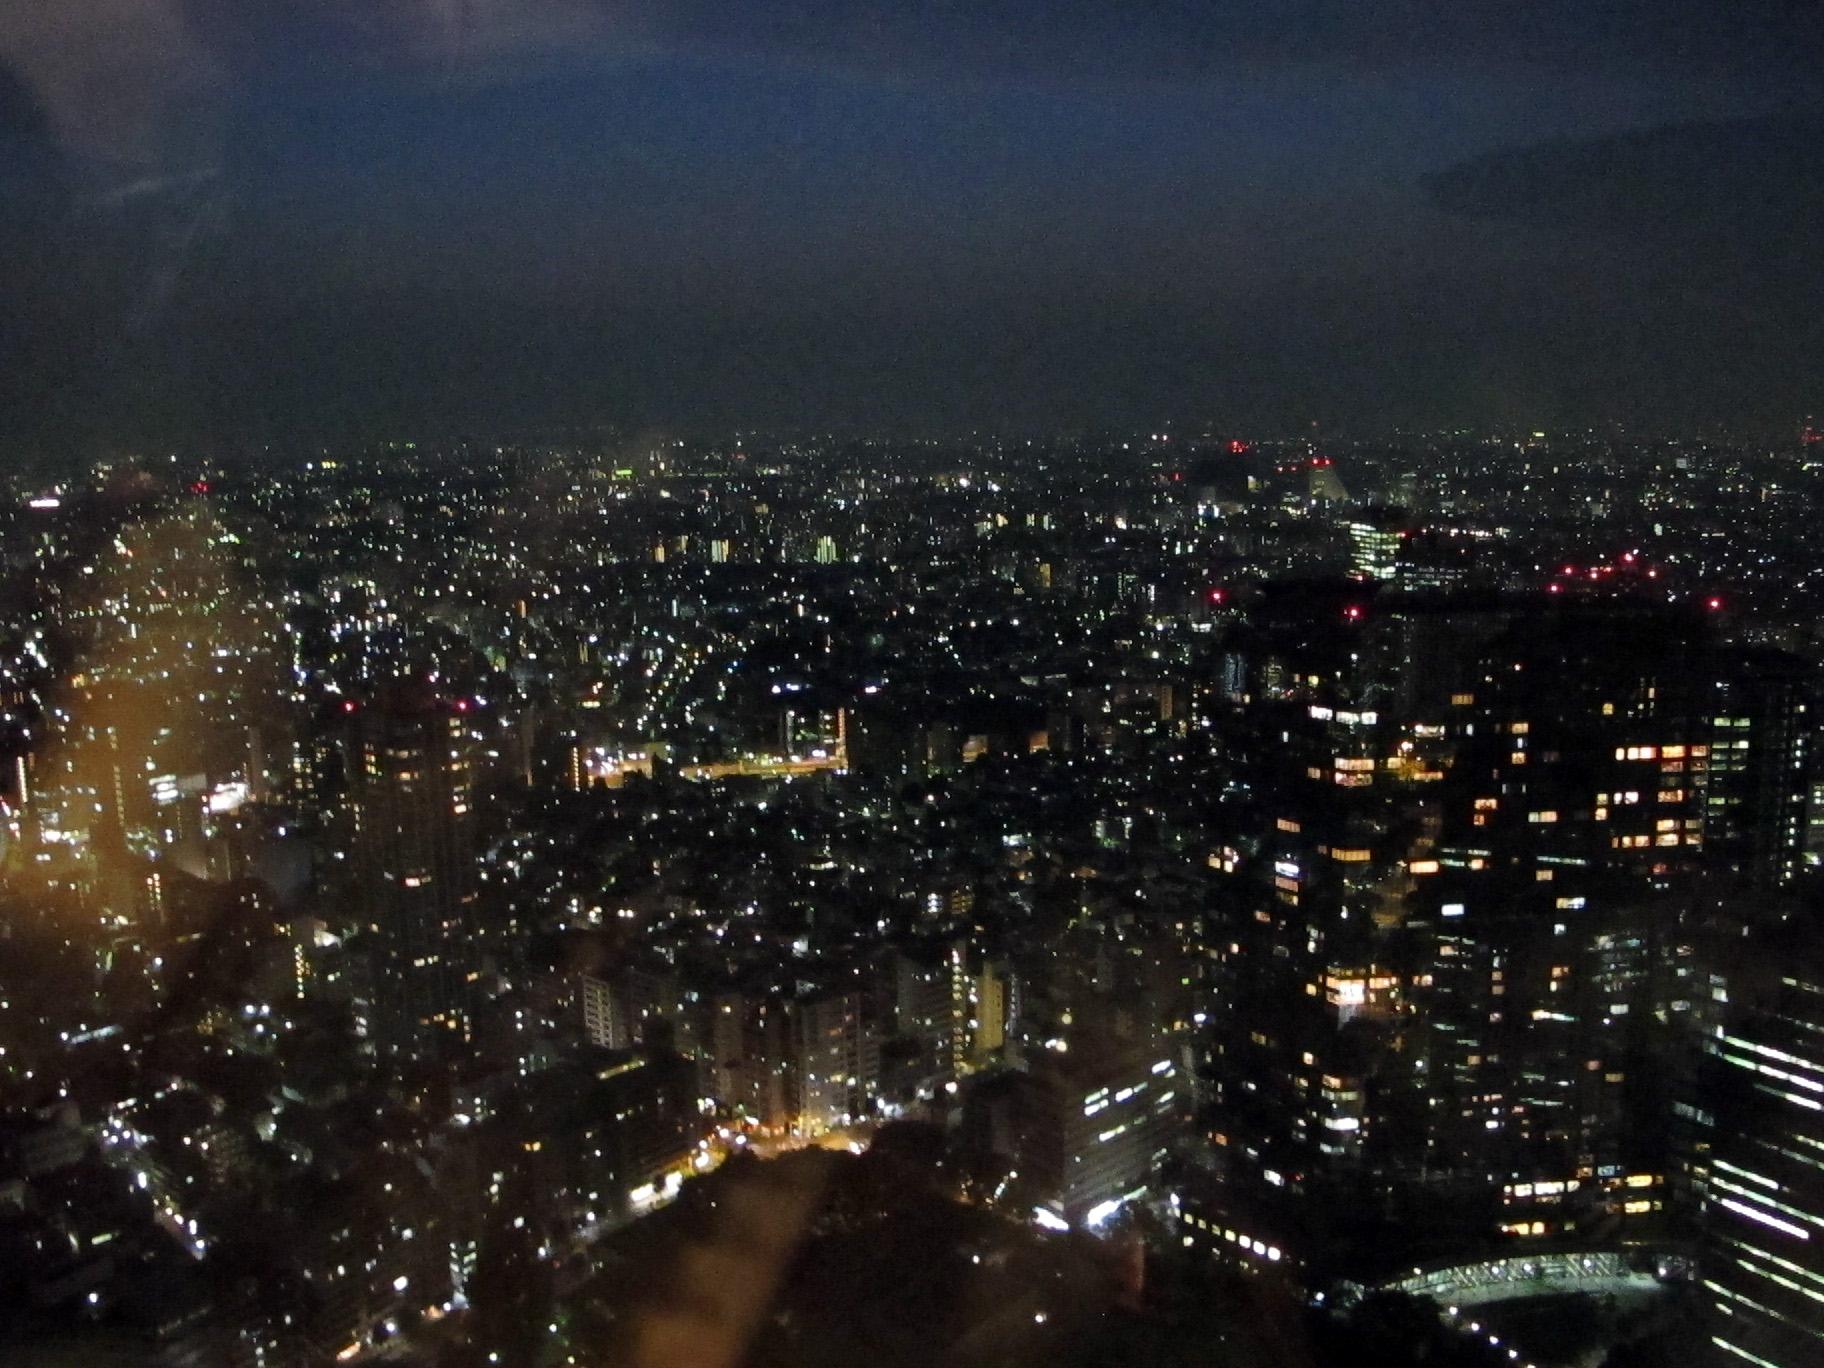 Ellowyne au Japon - Page 2 6189399612_9fa5b5718c_o